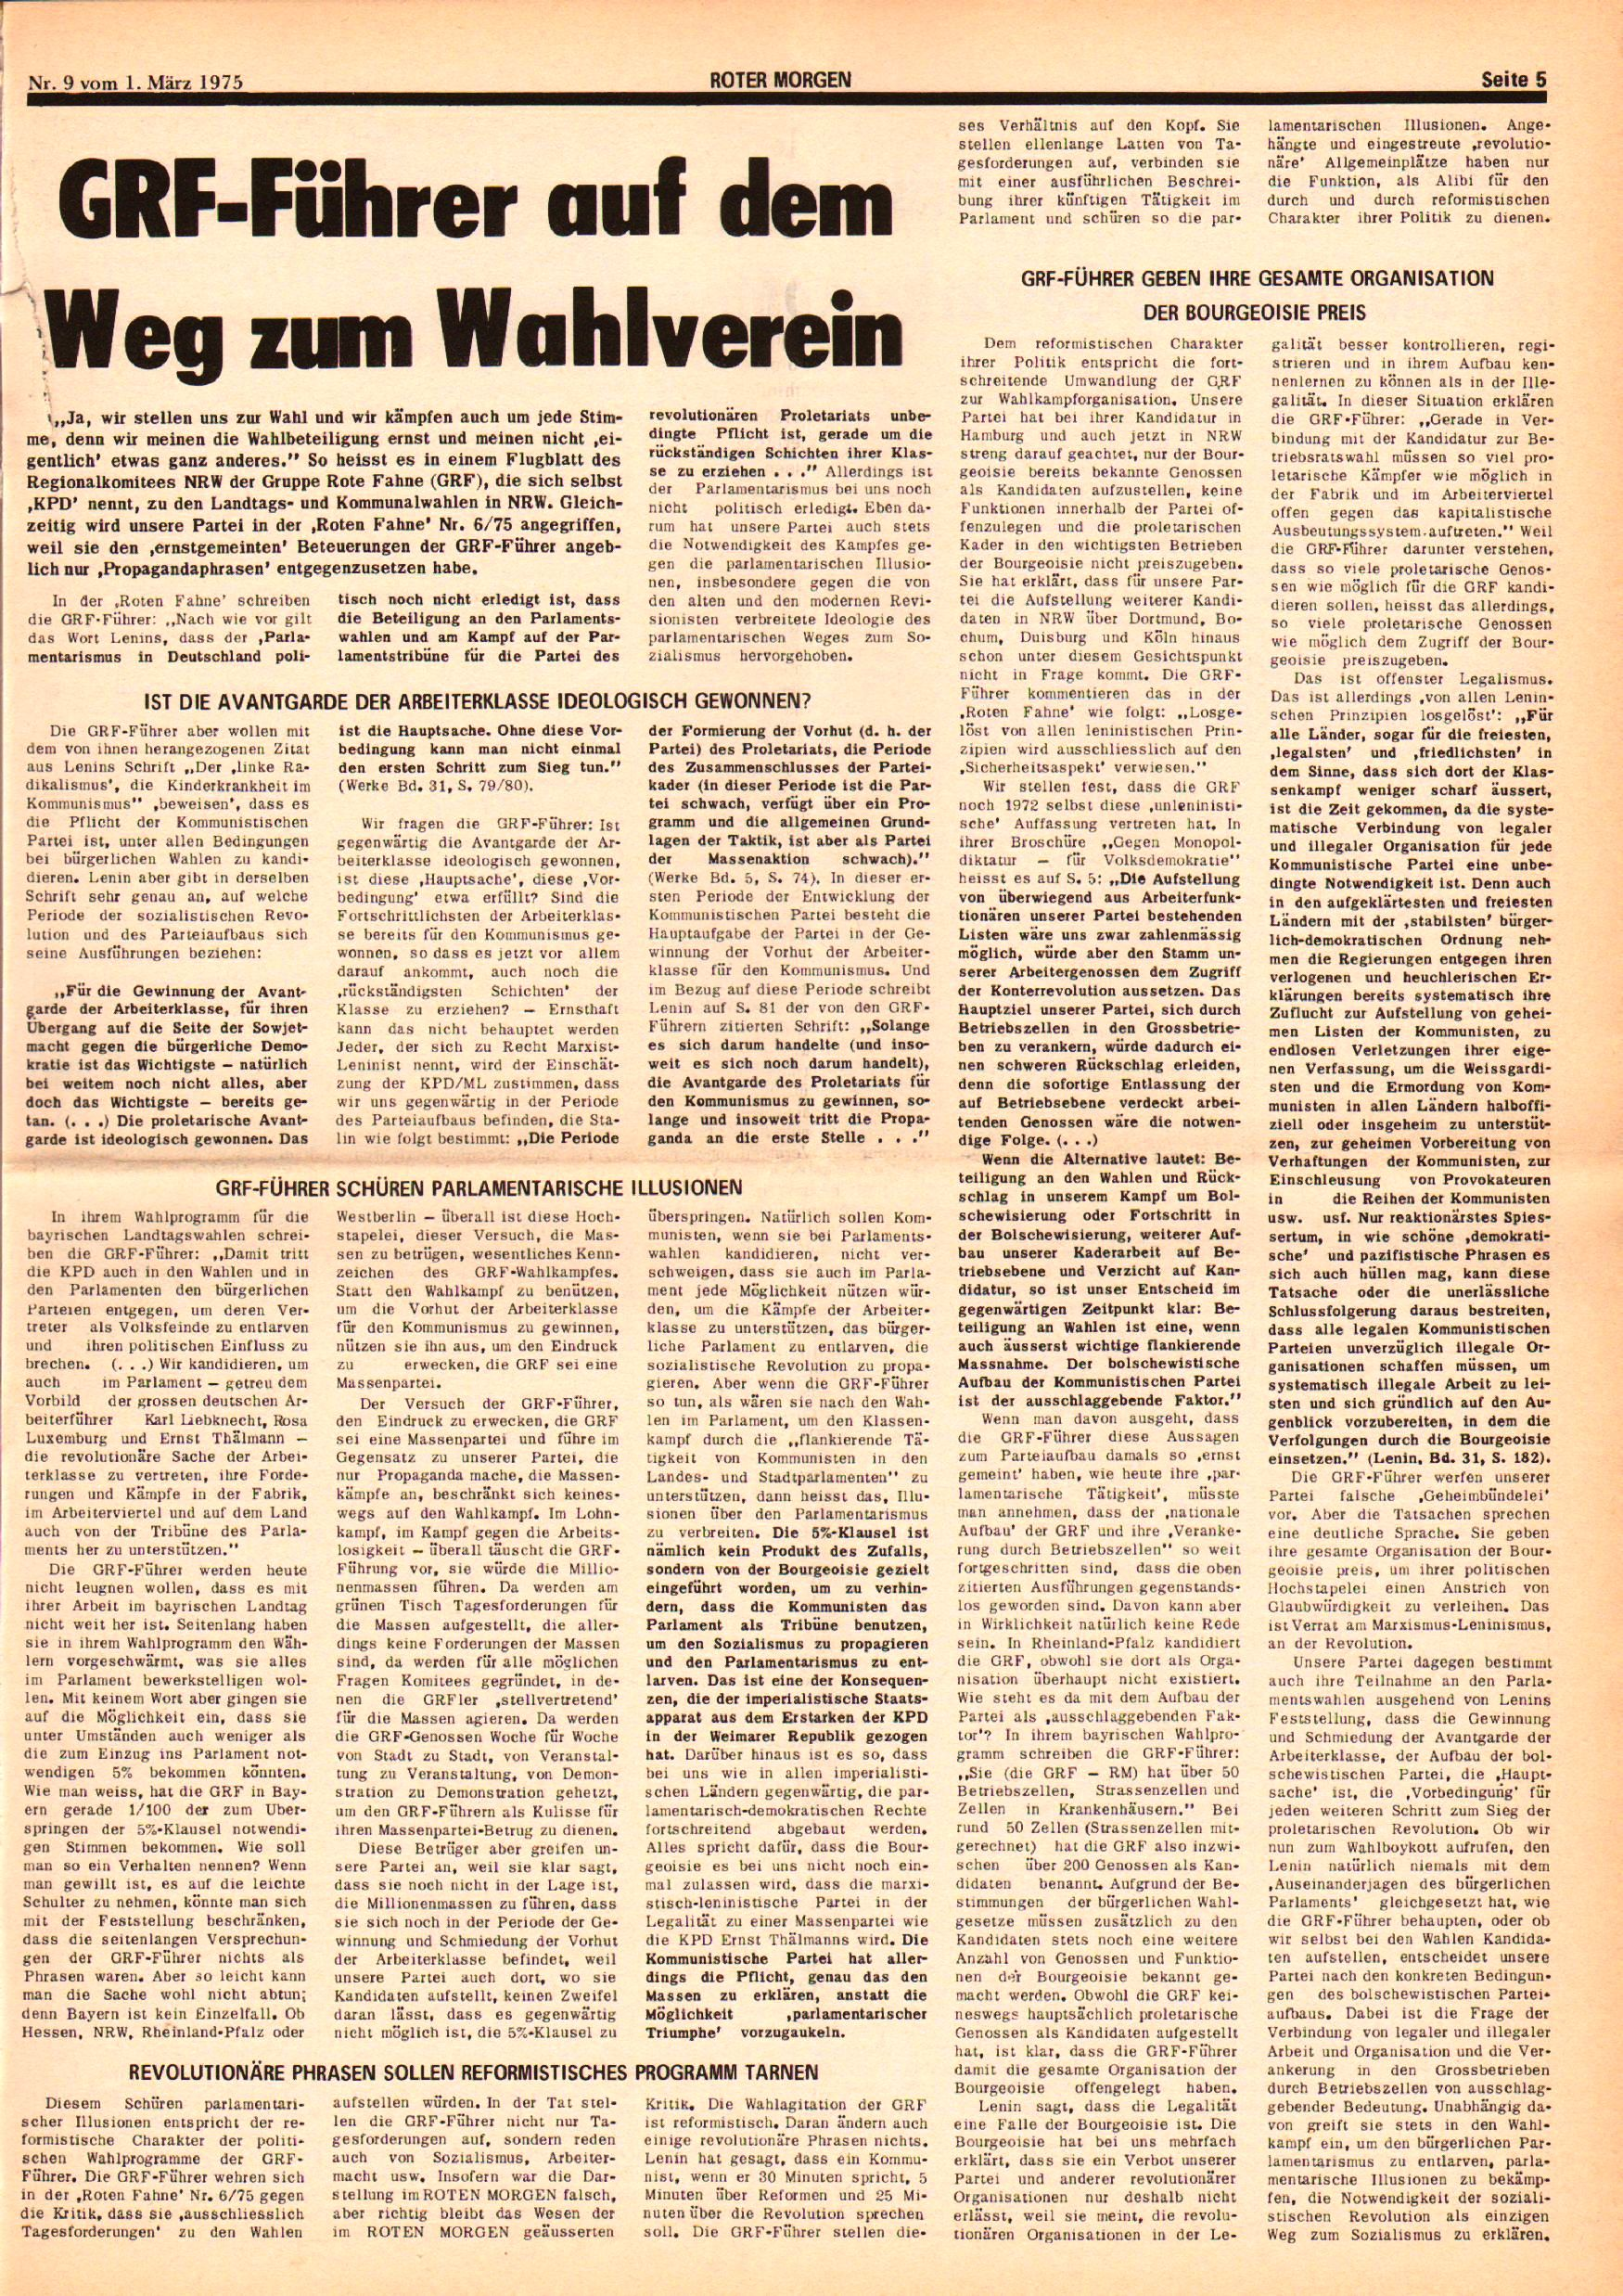 Roter Morgen, 9. Jg., 1. März 1975, Nr. 9, Seite 5